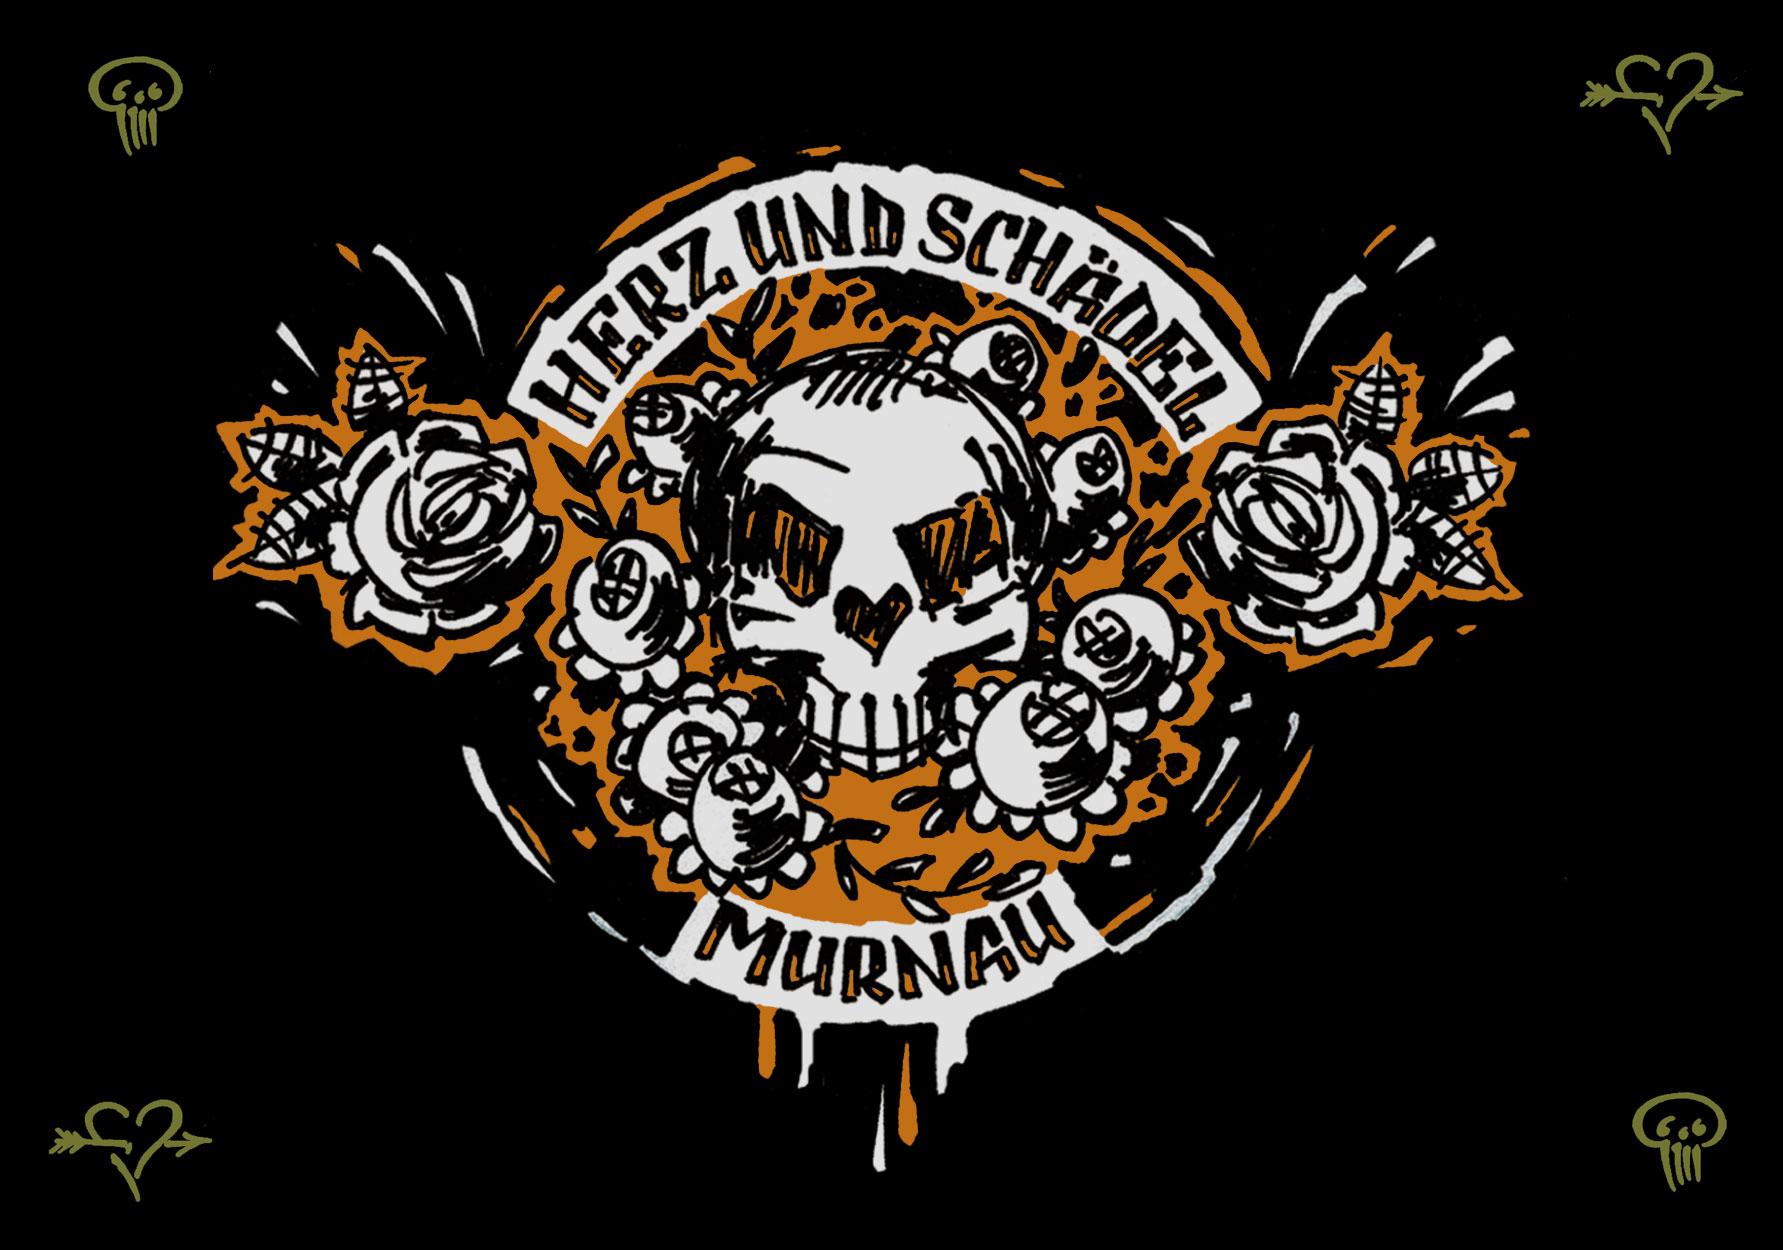 Herz und Schädel - Murnau